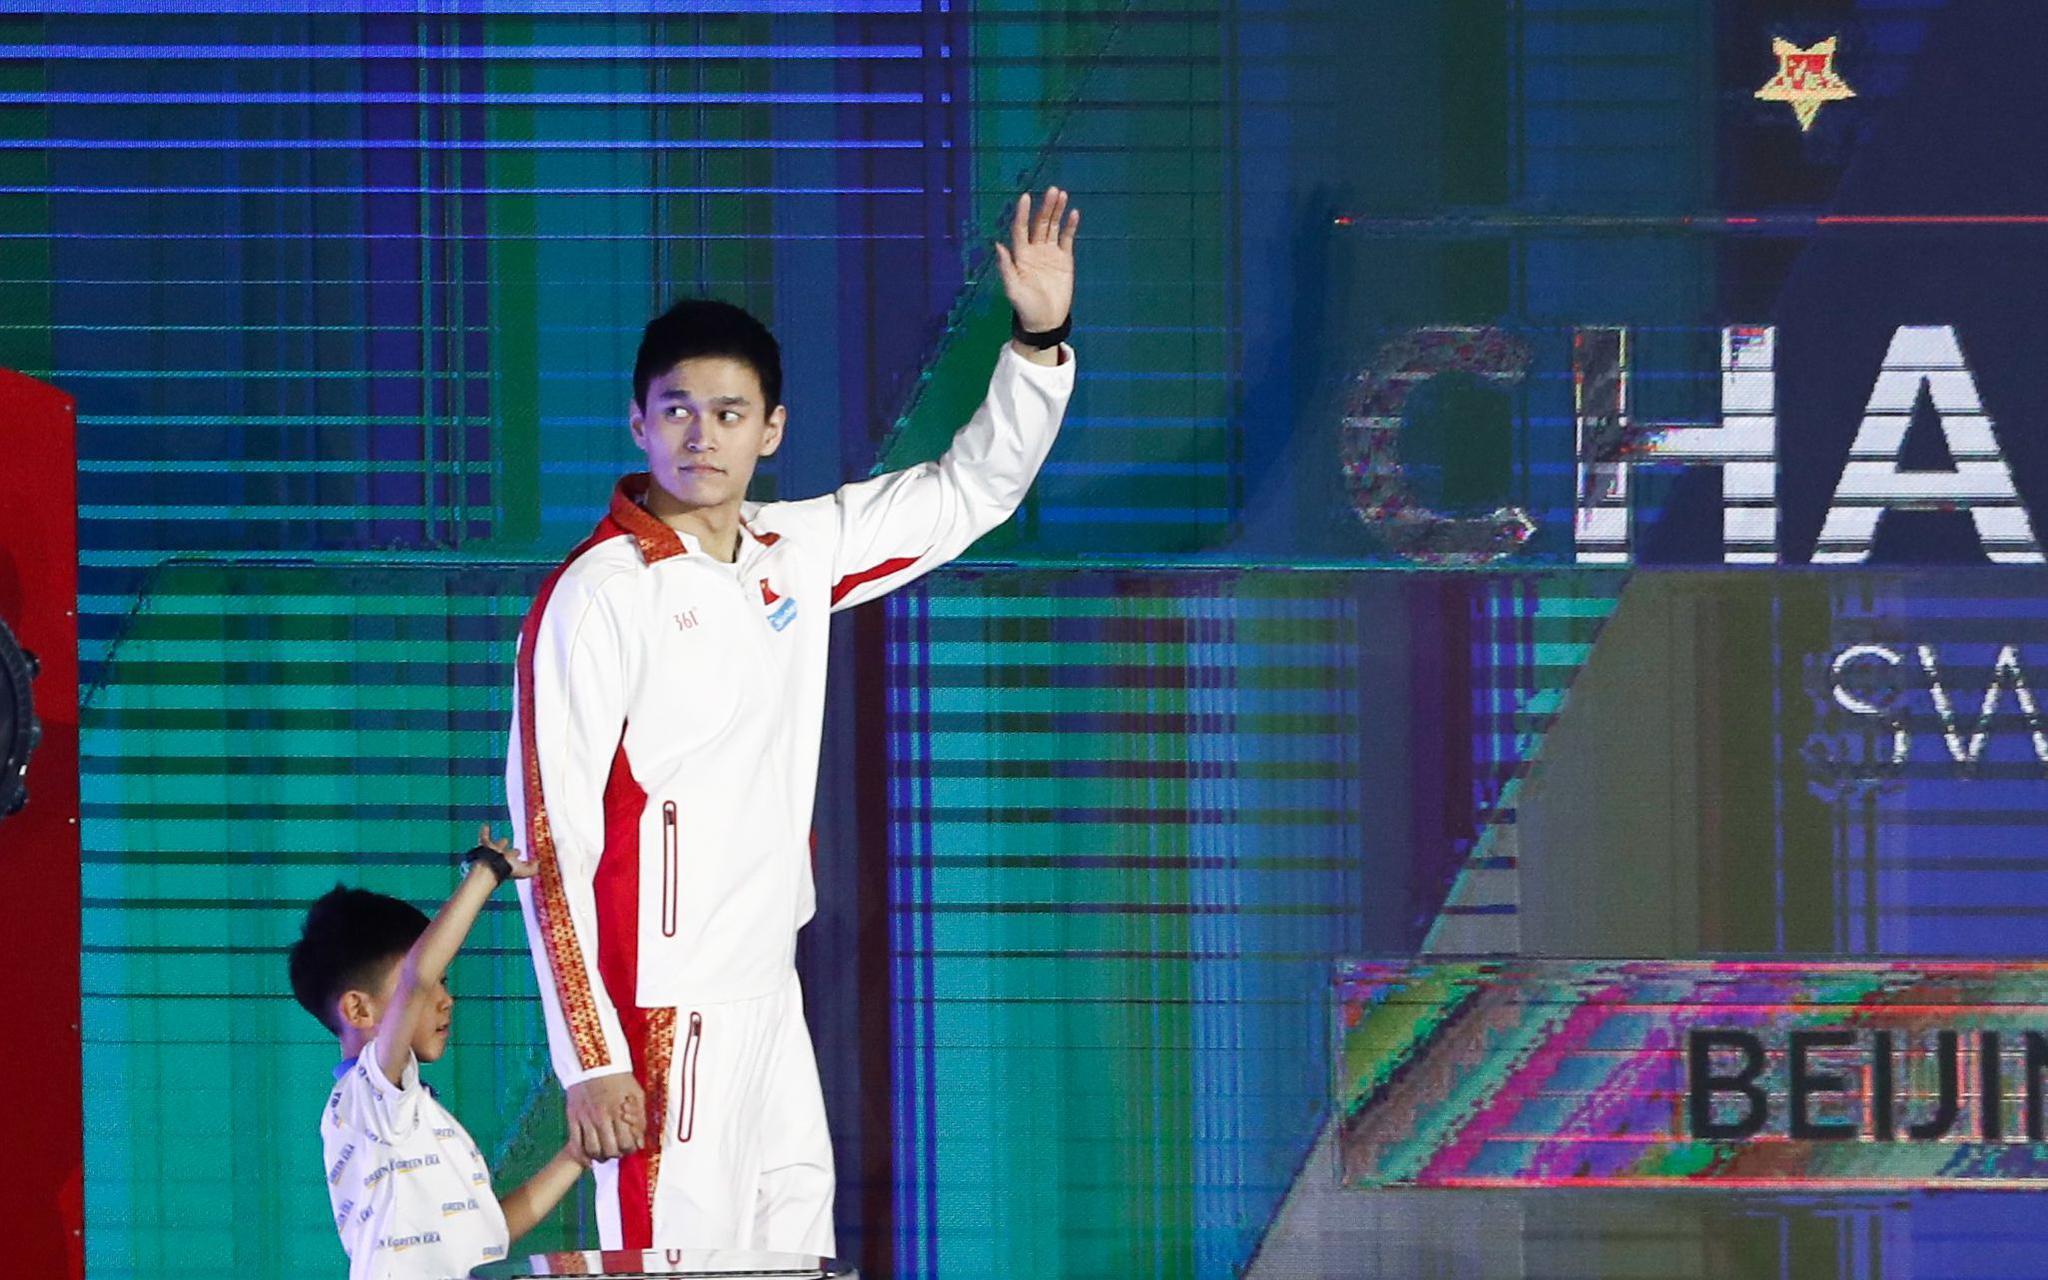 孙杨200米自由泳夺冠 自评出发还是有点慢图片